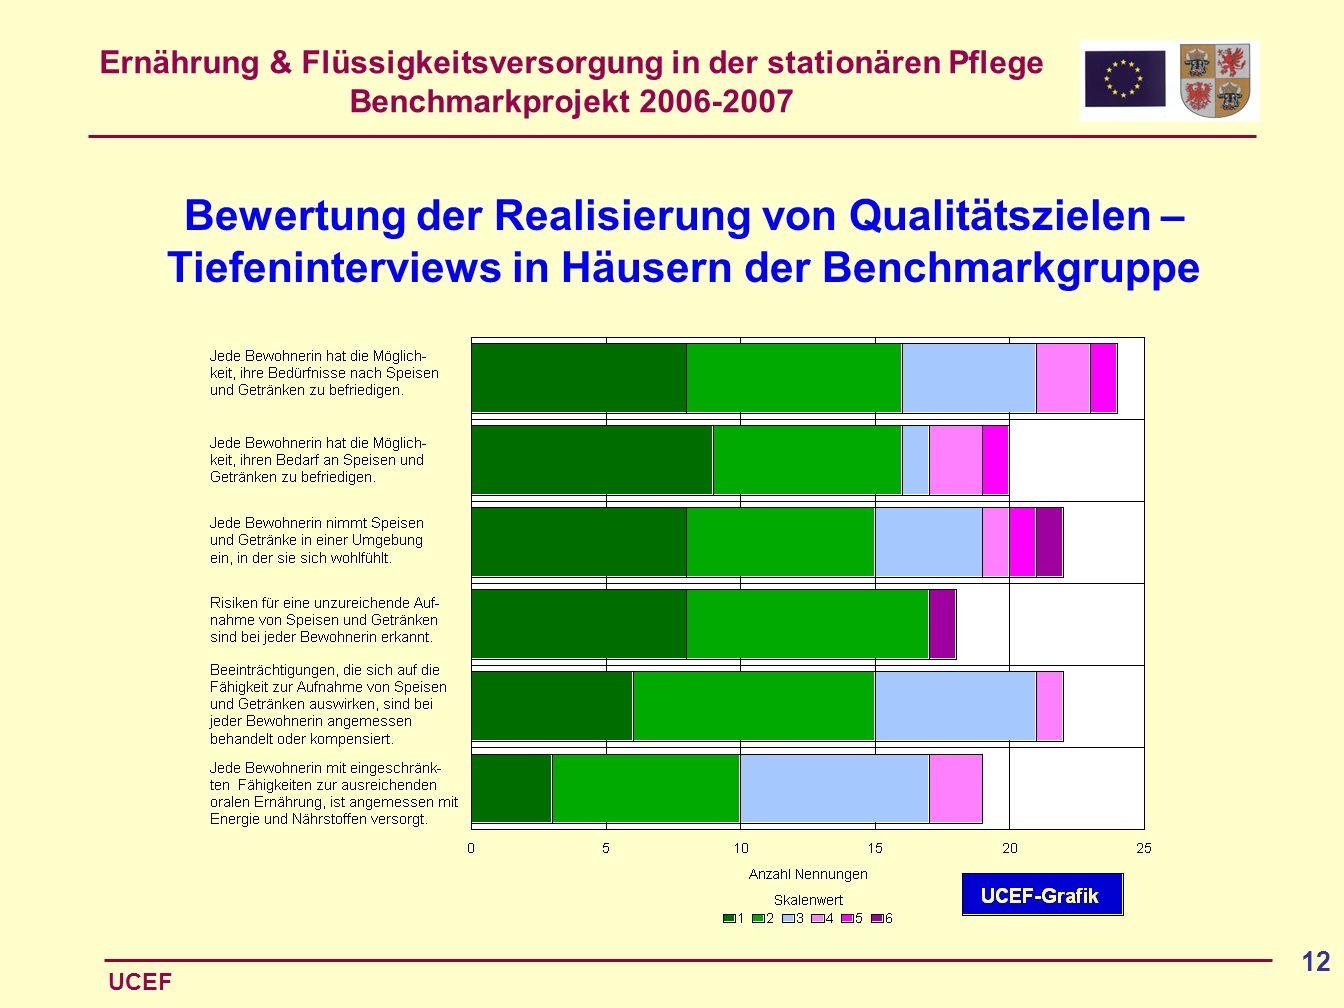 Ernährung & Flüssigkeitsversorgung in der stationären Pflege Benchmarkprojekt 2006-2007 UCEF 12 Bewertung der Realisierung von Qualitätszielen – Tiefe